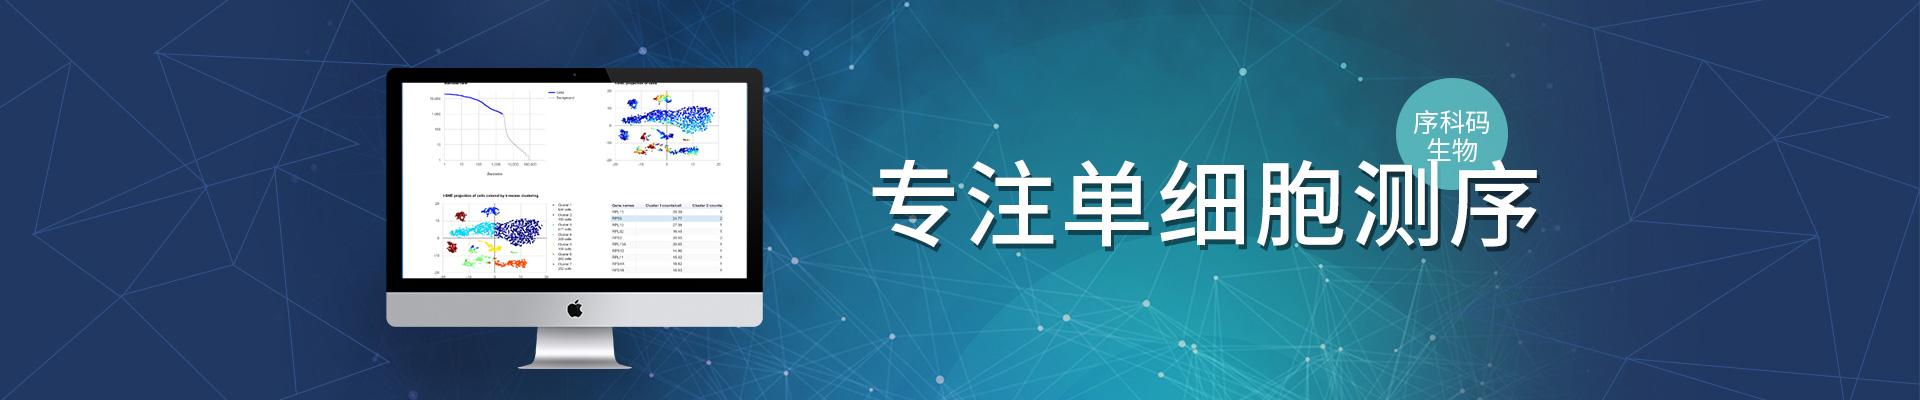 广州-序科码生物